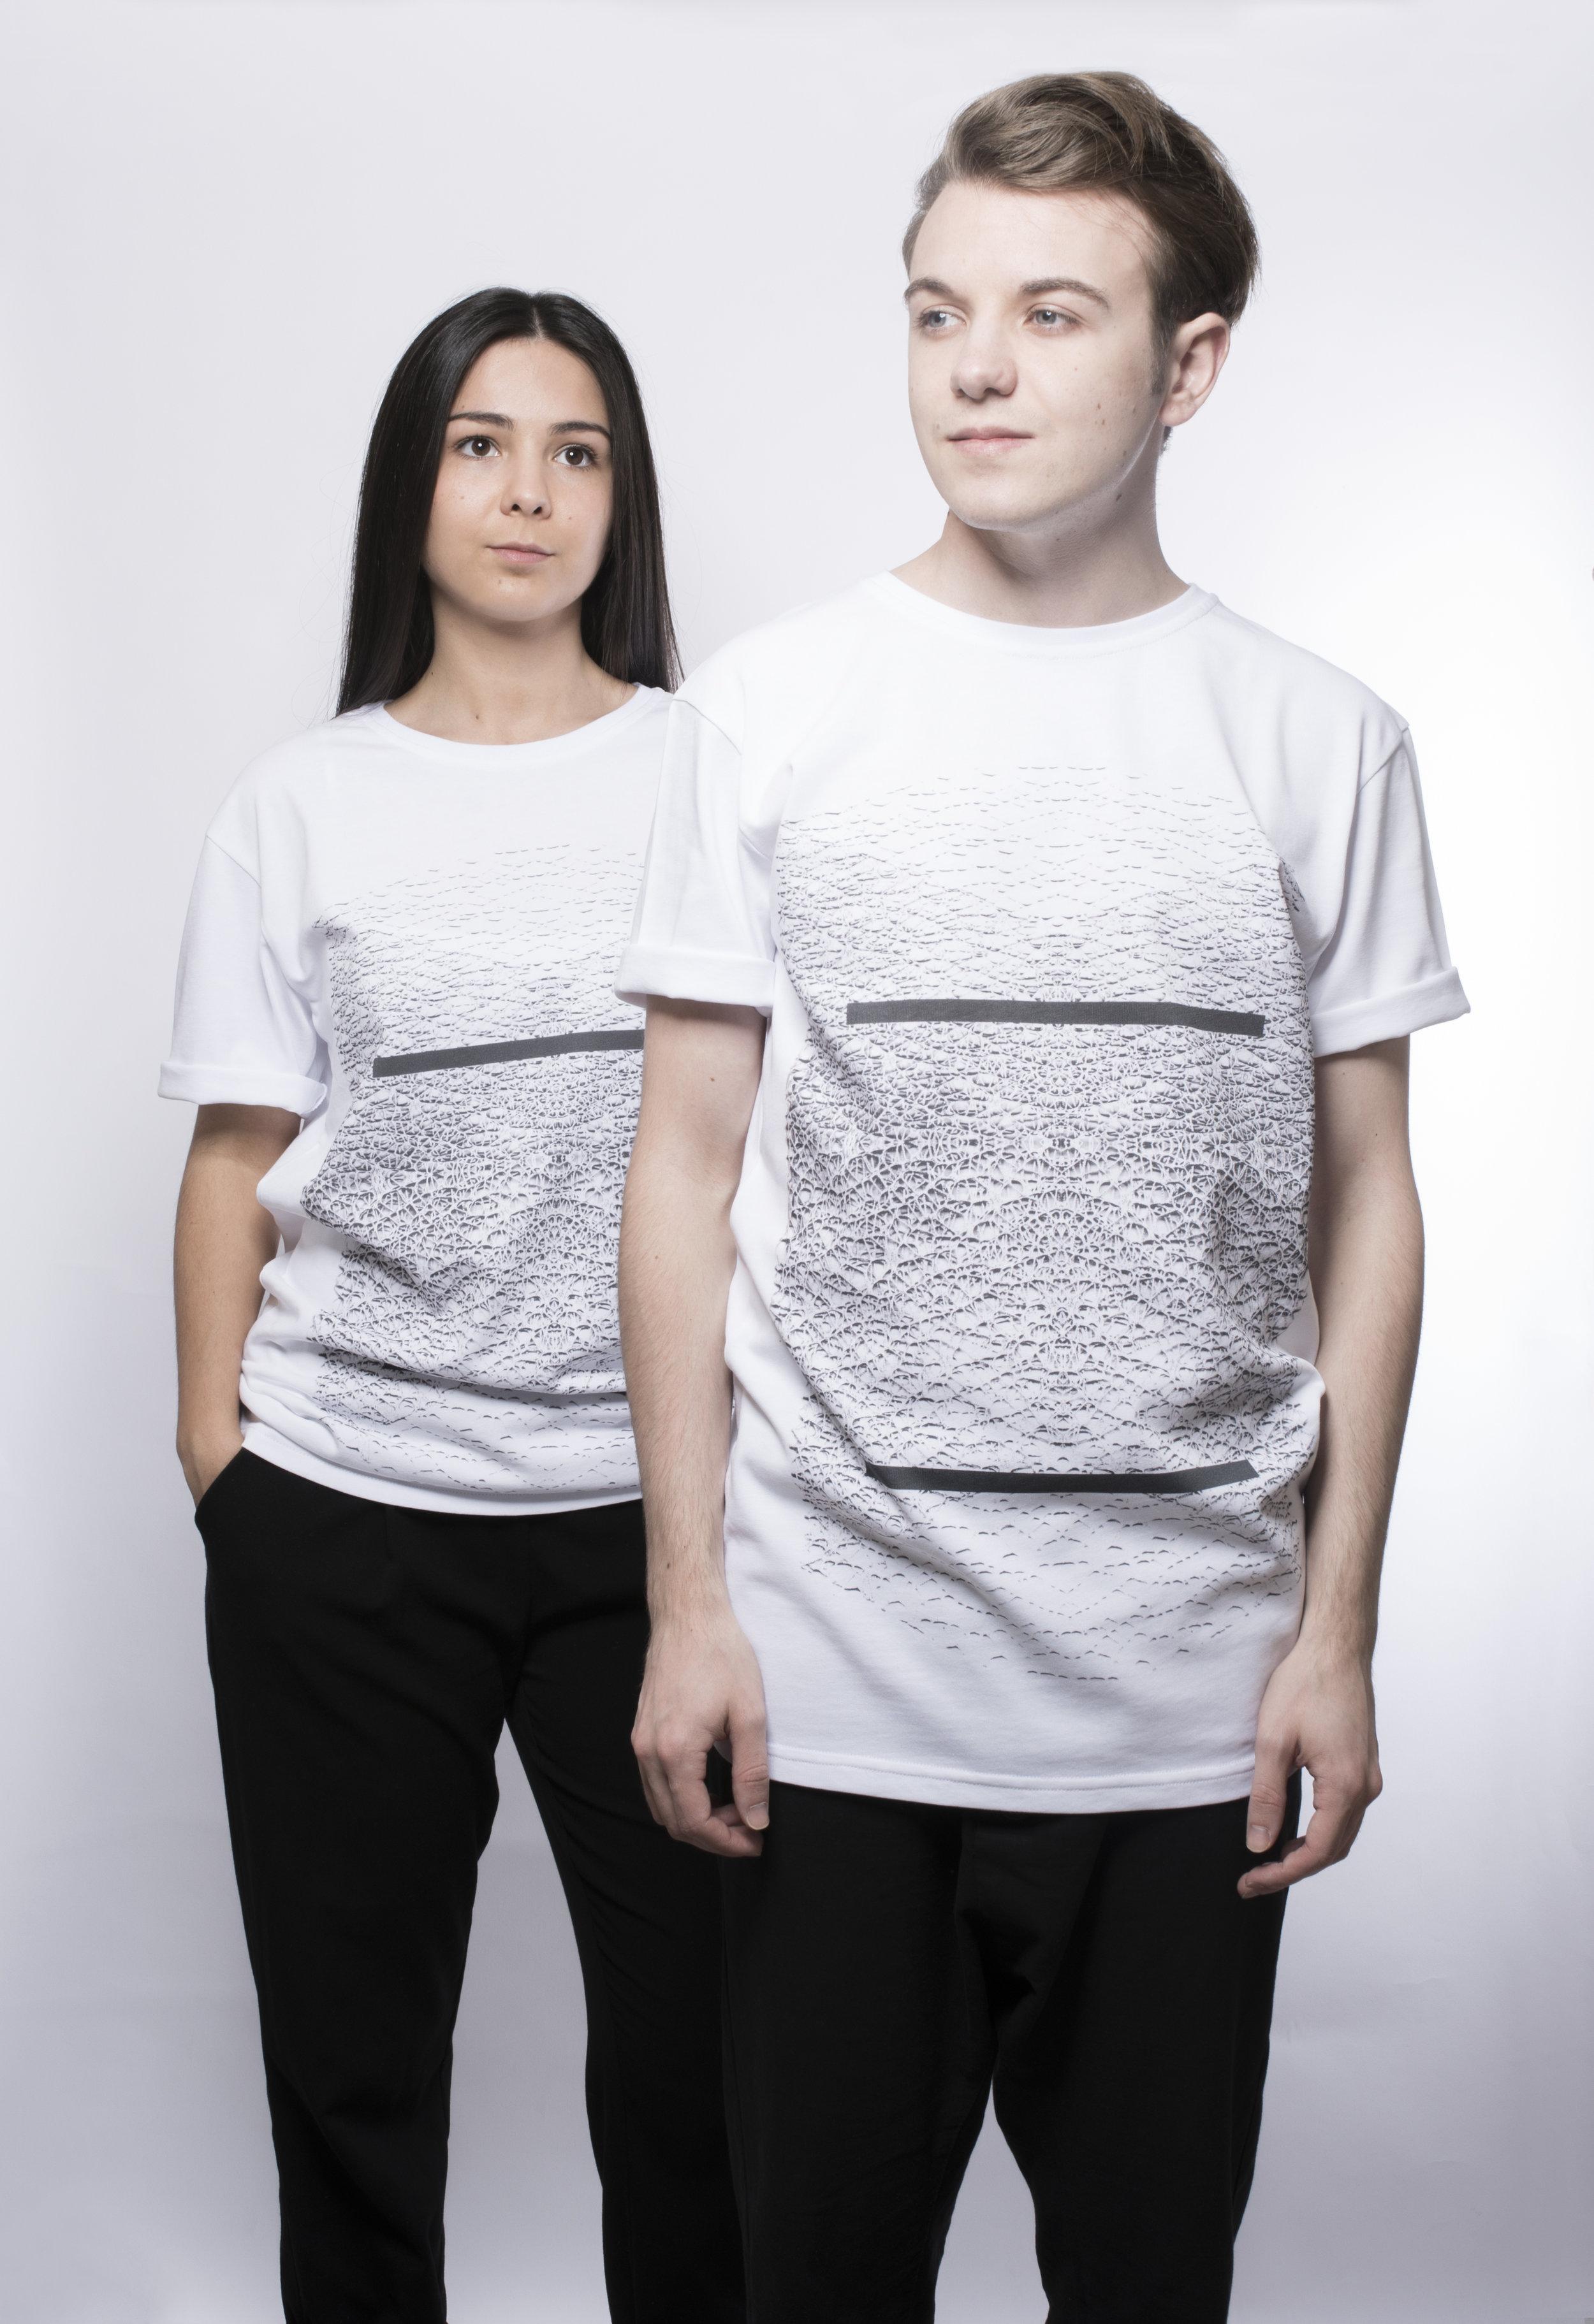 T-Shirt - 29.50€ LINE - Organisches Motiv mit Linien im Vorderteil.Erhältlich in S, M, L, XL100% Baumwolle.-Preis inkl. MwSt und zzgl. Versand.Beachtung der AGB's.